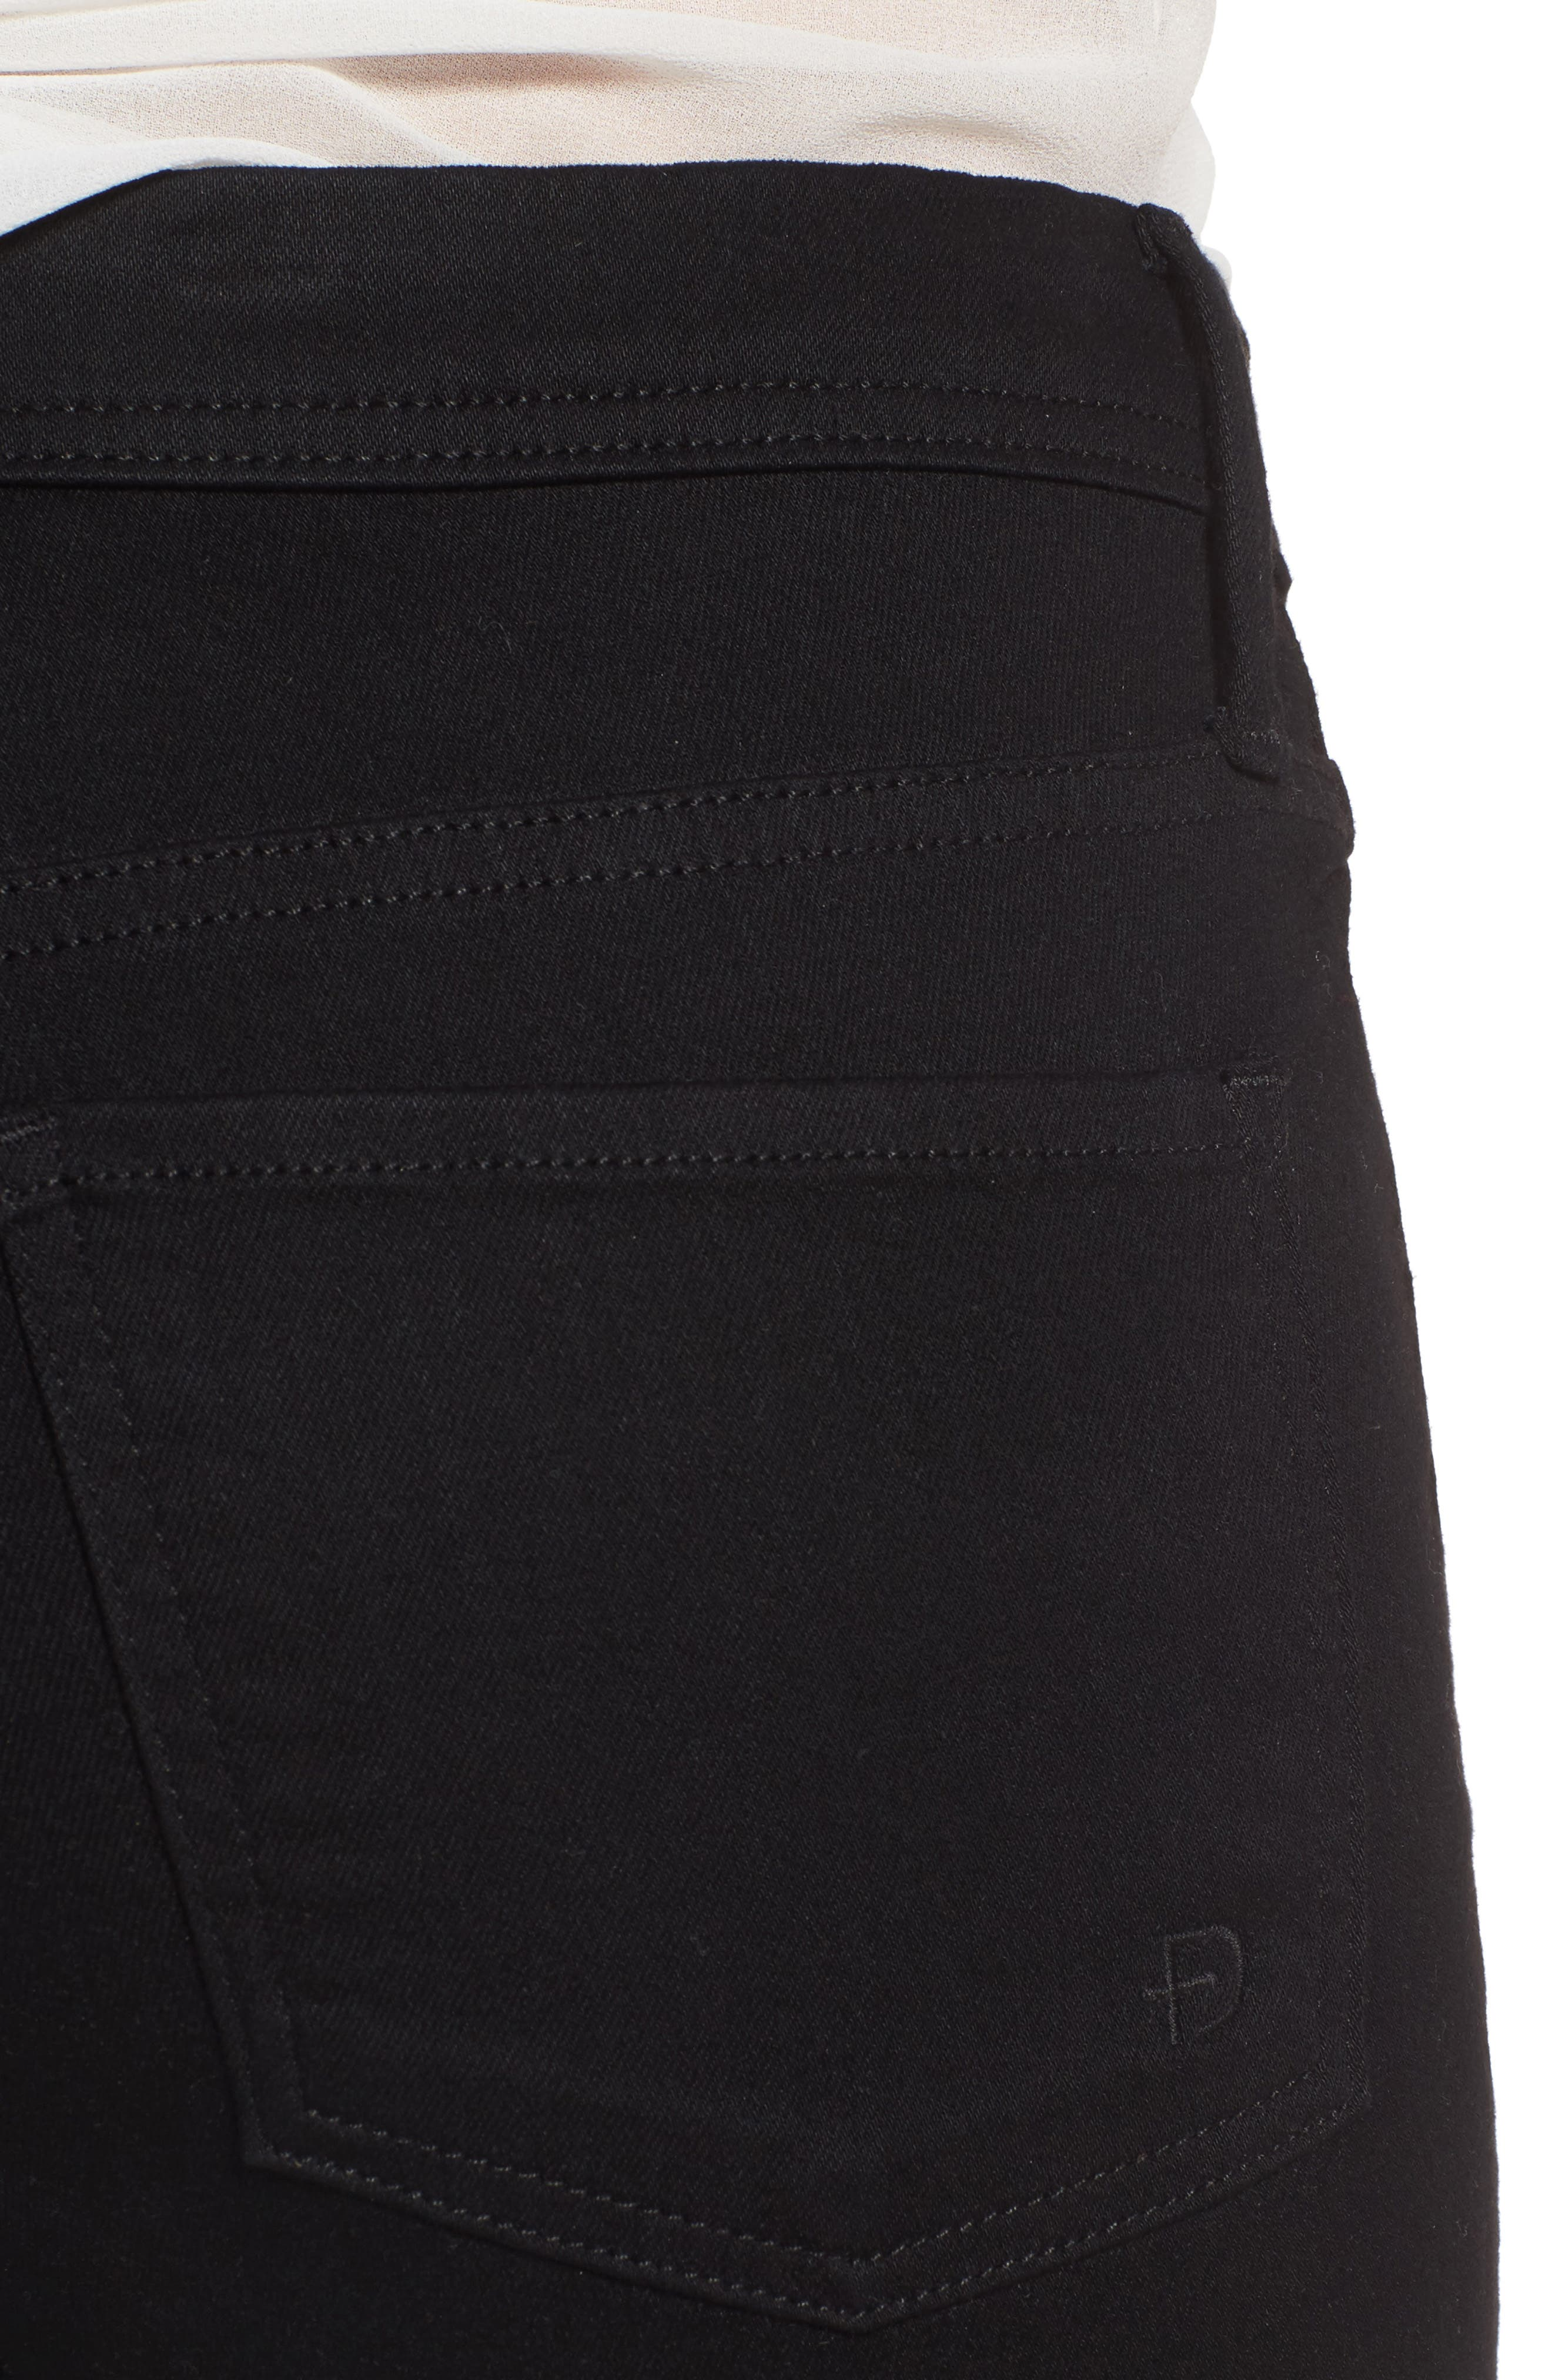 Belvedere Skinny Jeans,                             Alternate thumbnail 4, color,                             Jett Black